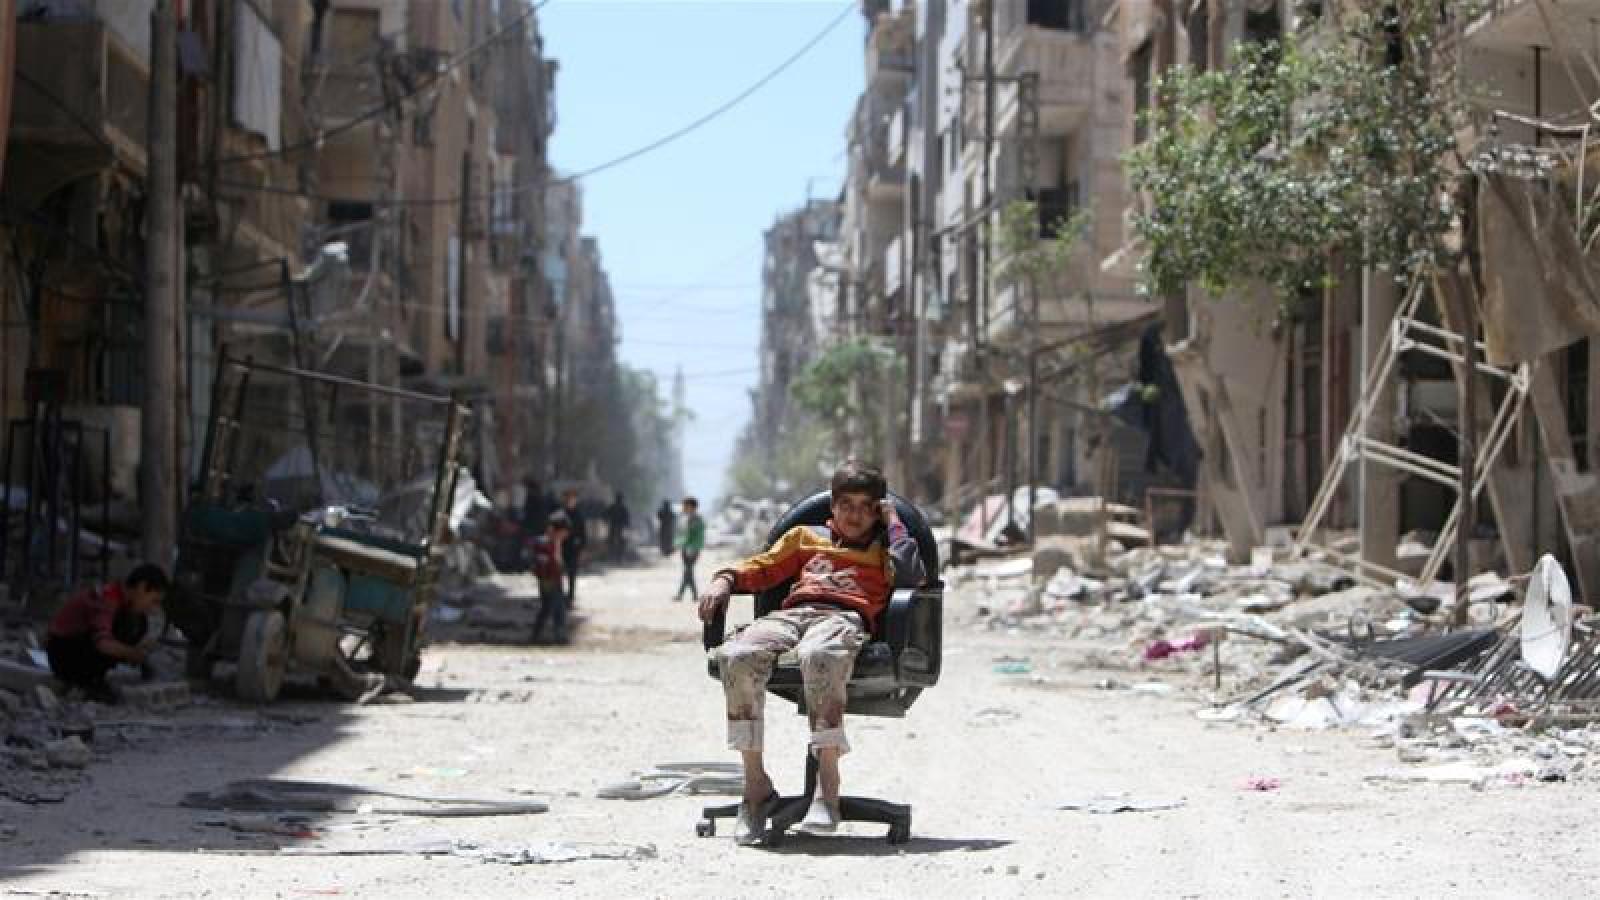 Un grup de inspectori chimici a ajuns în orașul Douma, pentru a aduna probe privind presupusul atac chimic